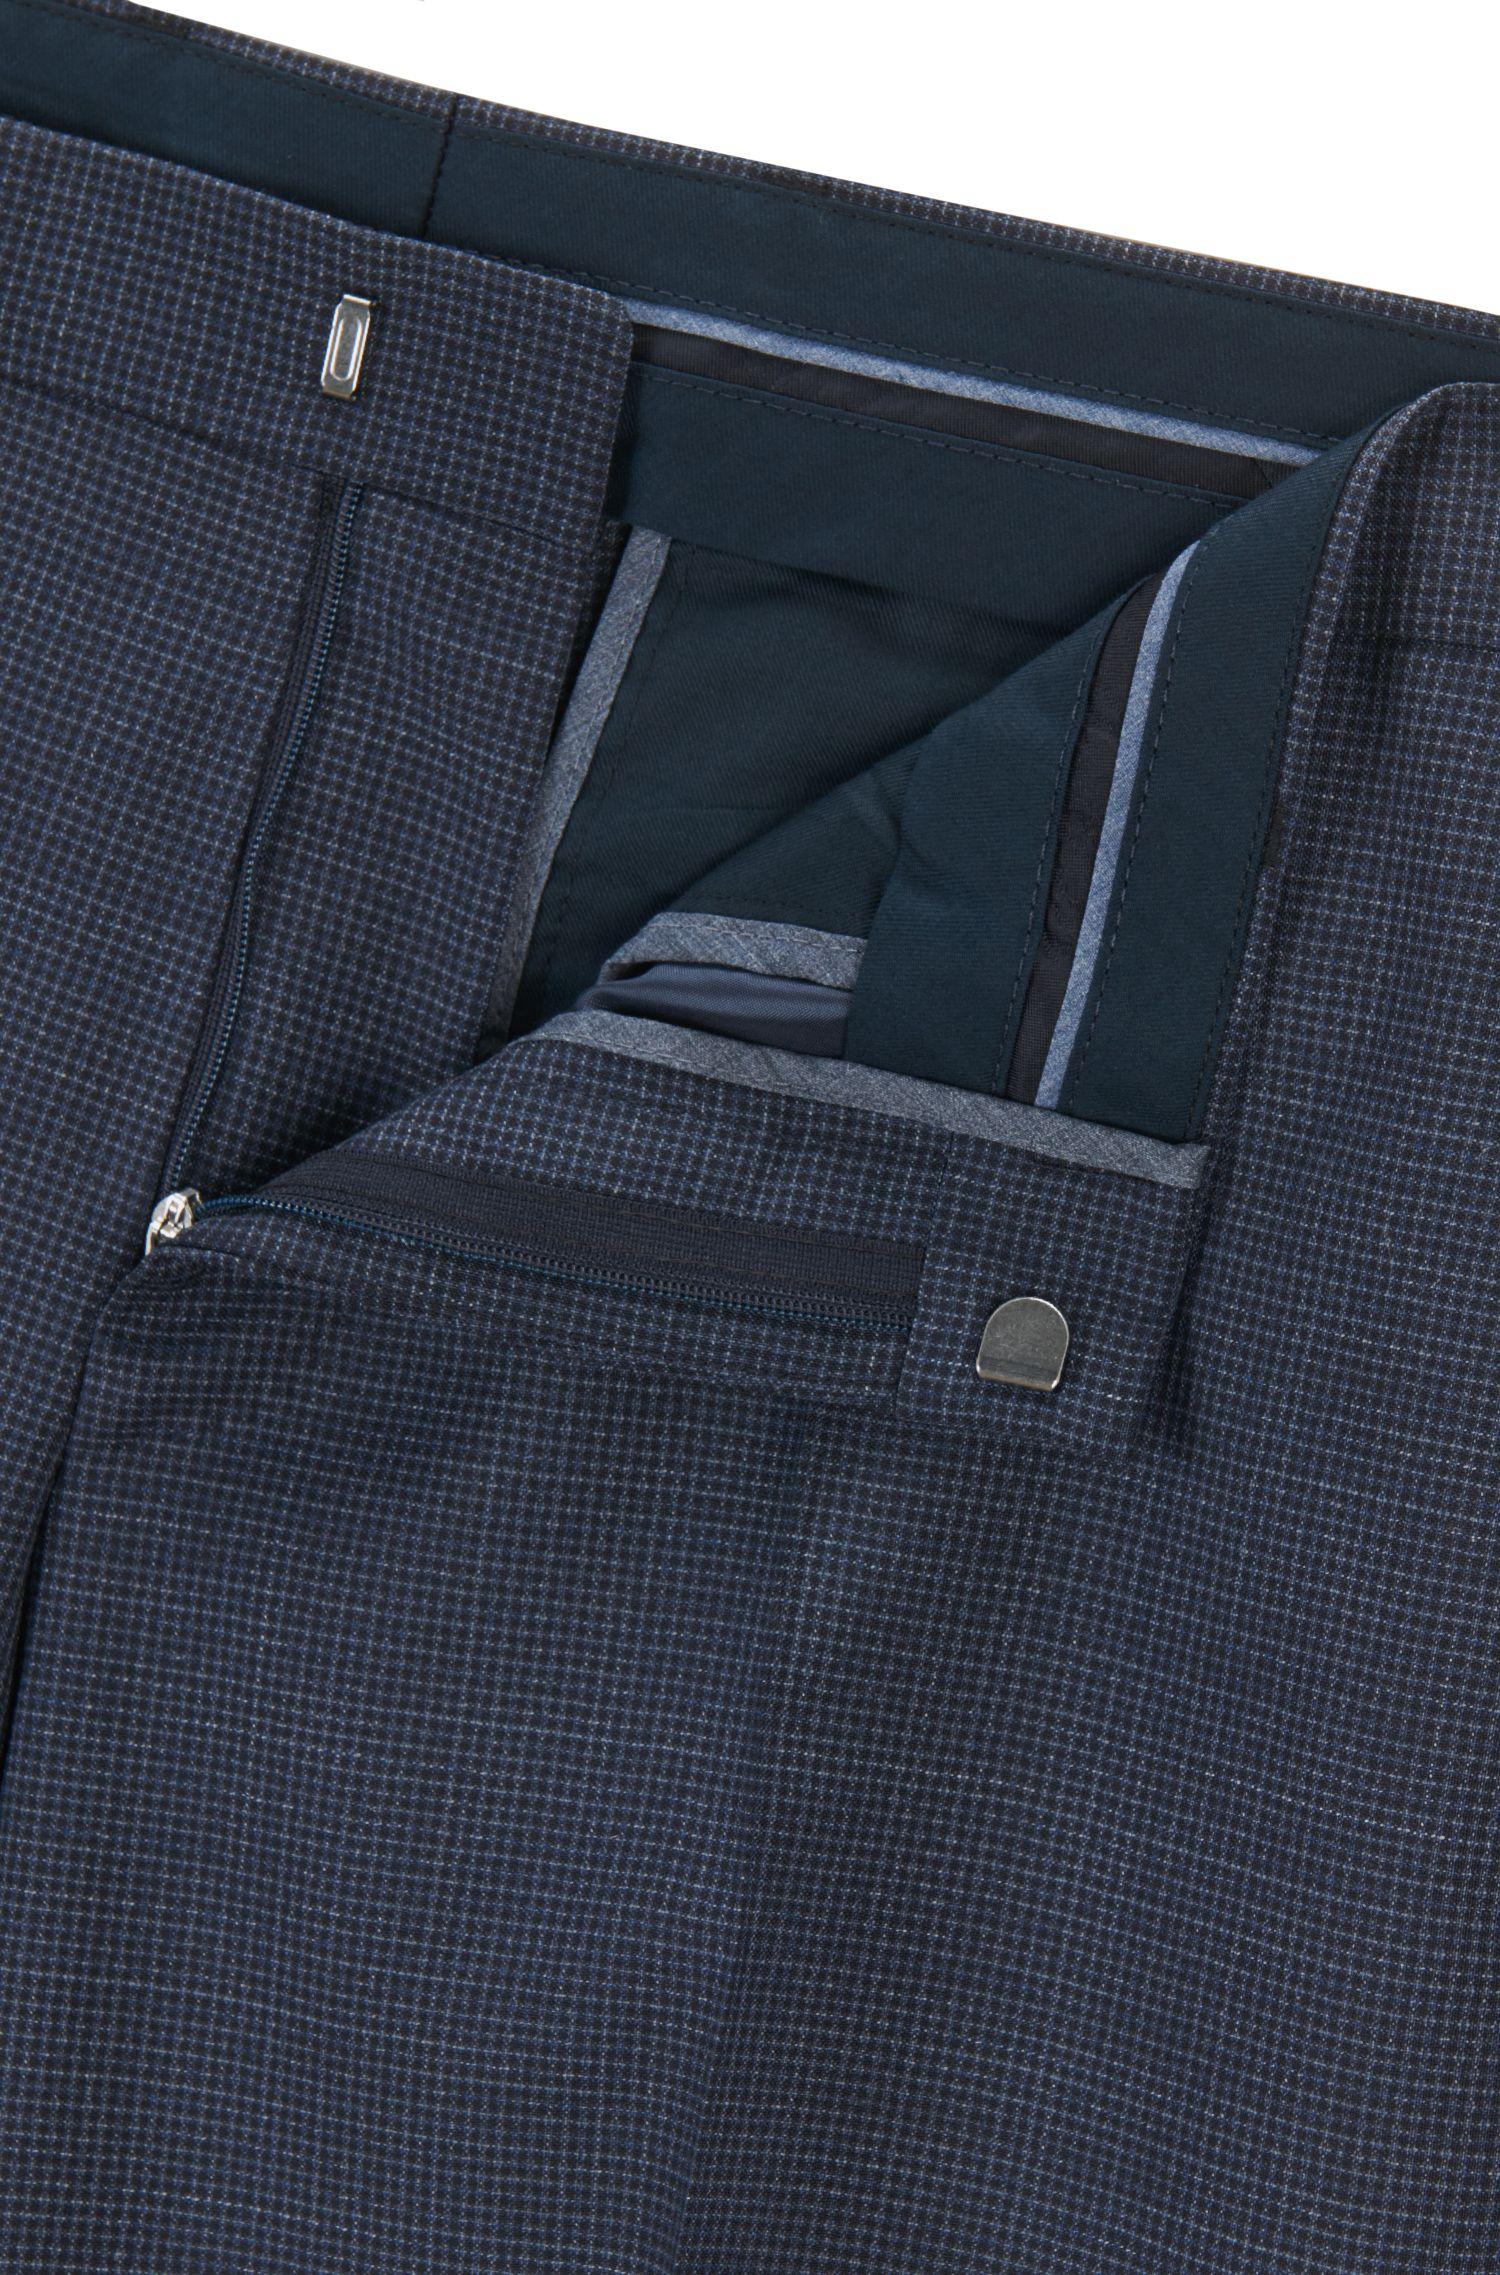 Basketweave Virgin Wool Dress Pant, Slim Fit | Genesis